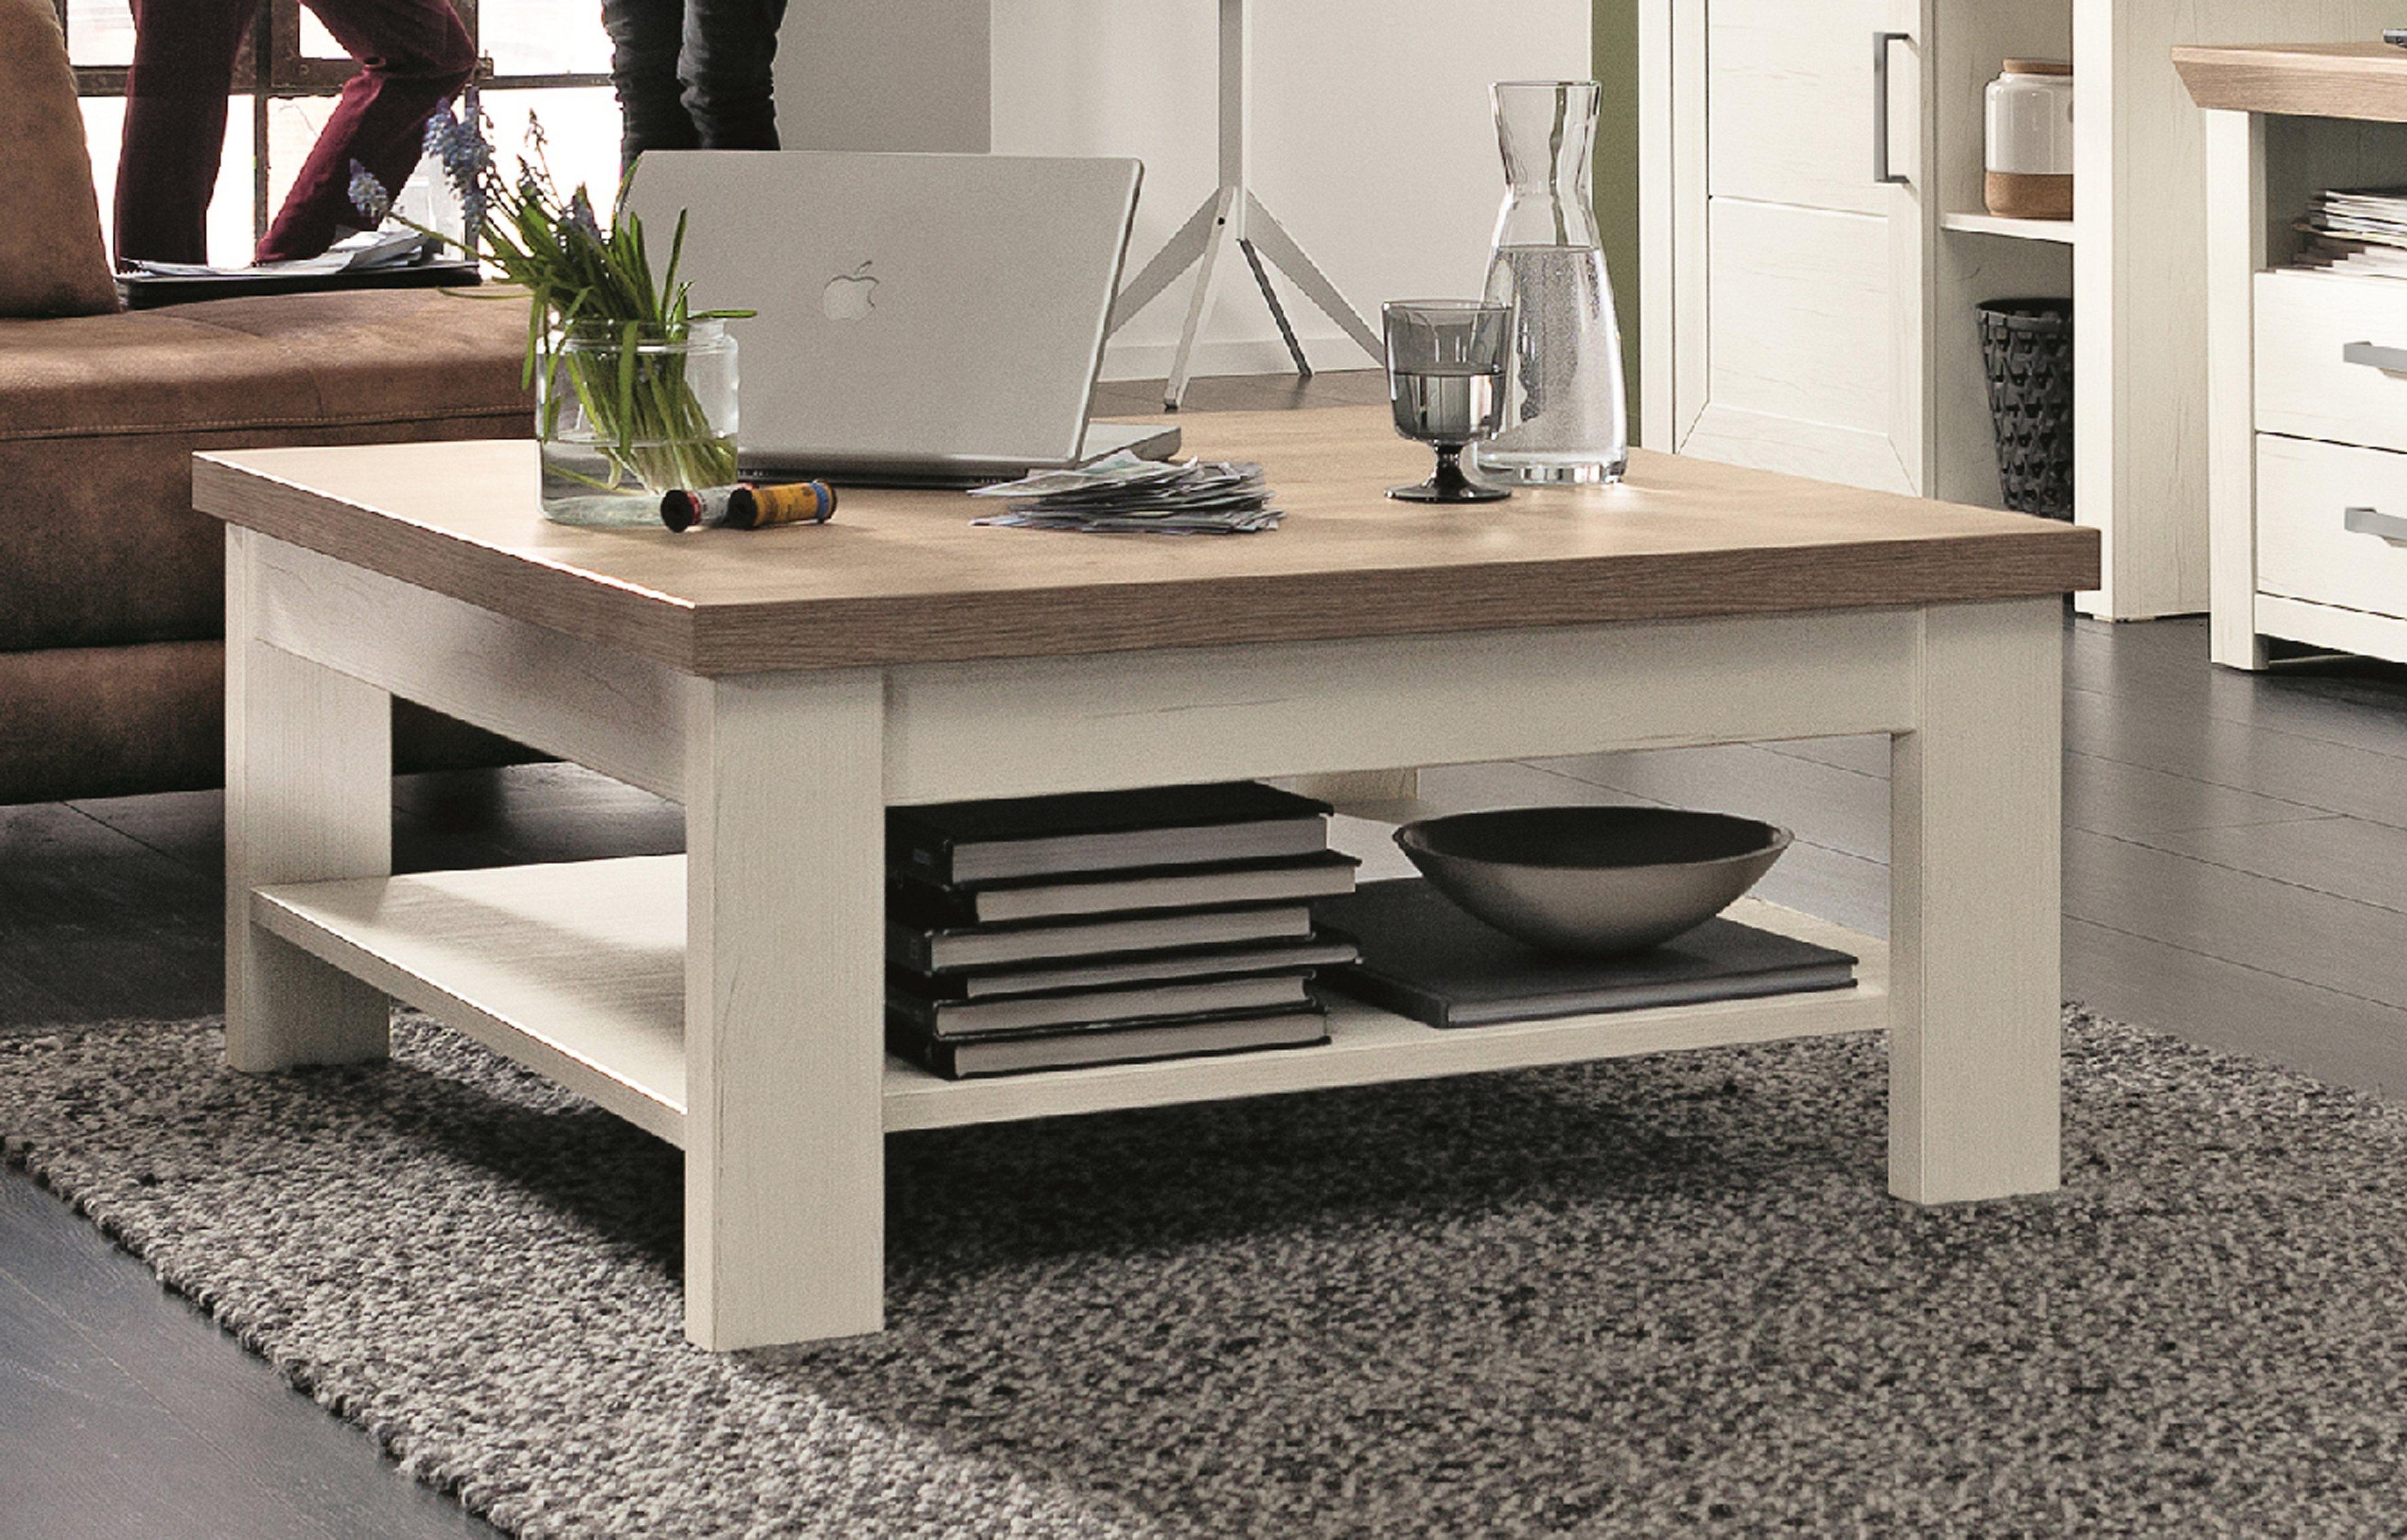 Sand Couchtische Online Kaufen Möbel Suchmaschine Ladendirektde